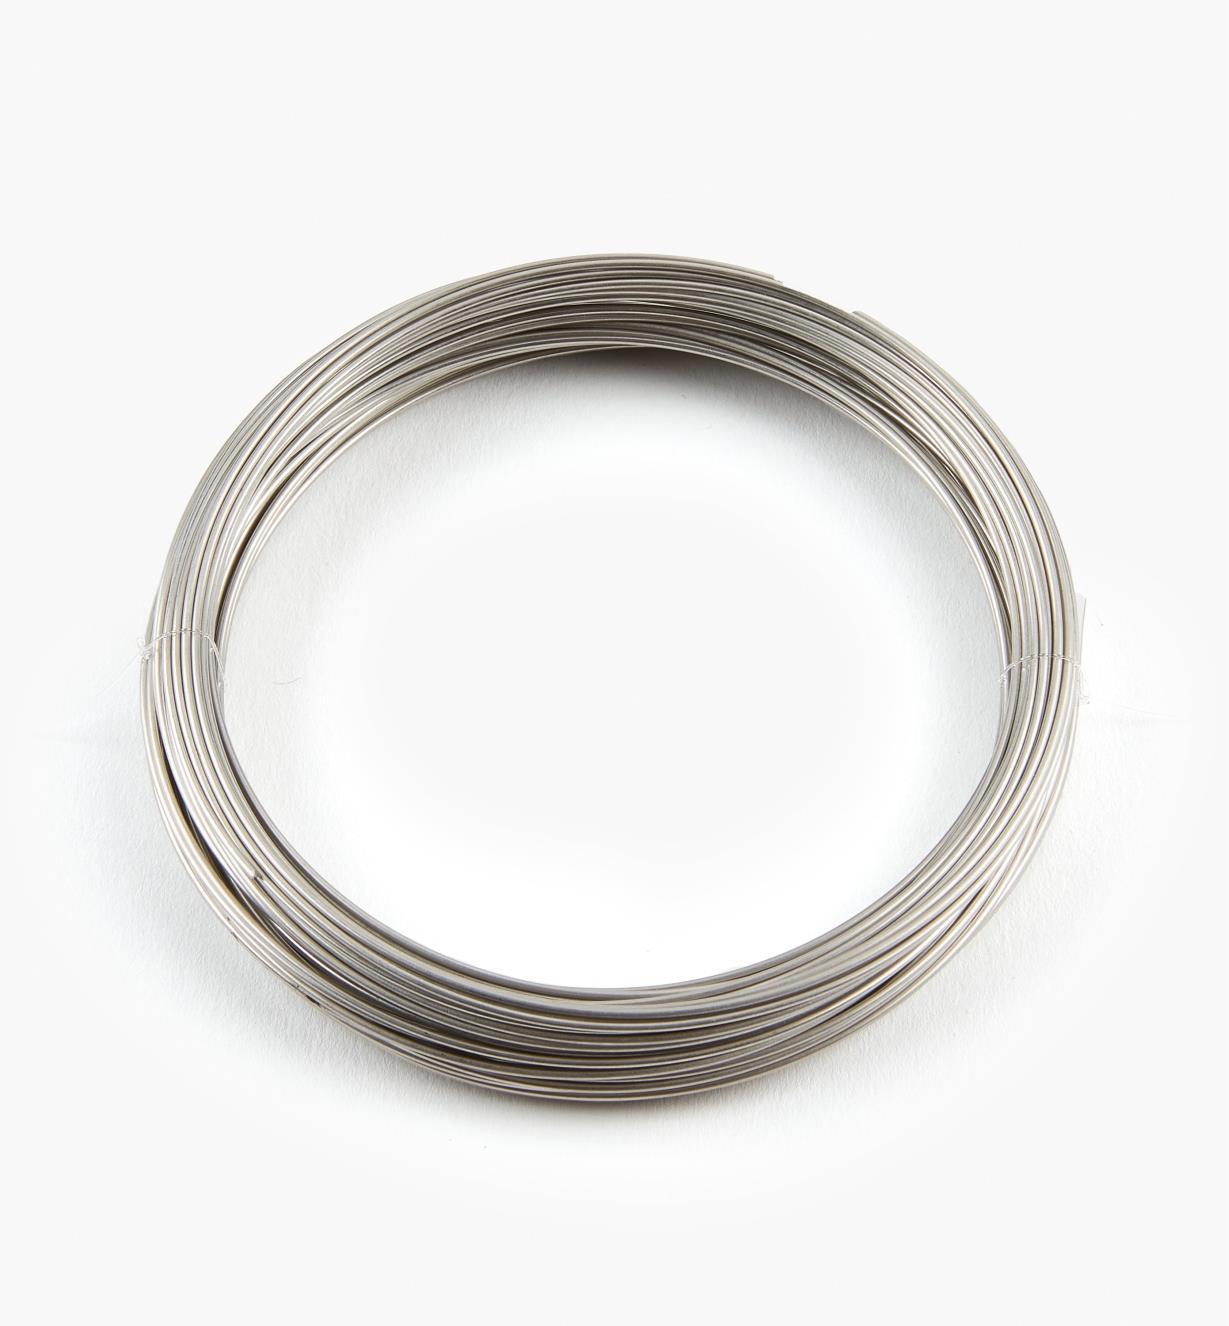 97K1085 - 1/4 lb Wire Coil